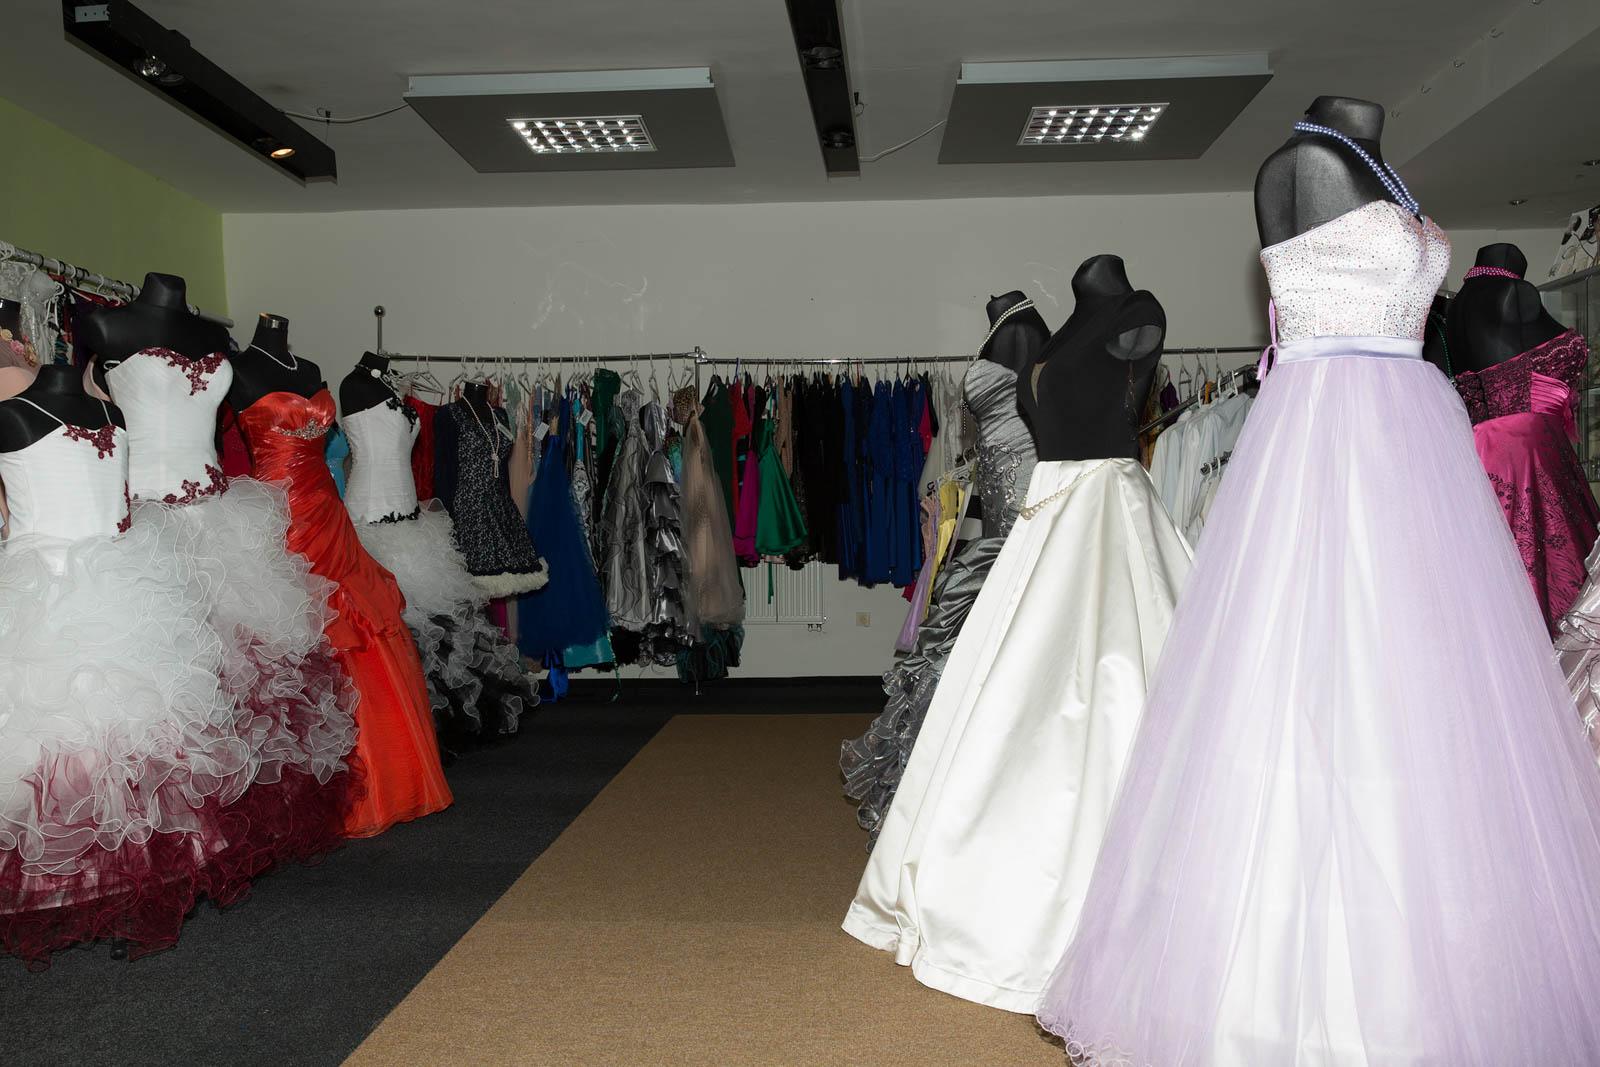 39ed8318f5d4 Vyzkoušela jsem si pár společenských šatů v módním saloně na Kladně ...